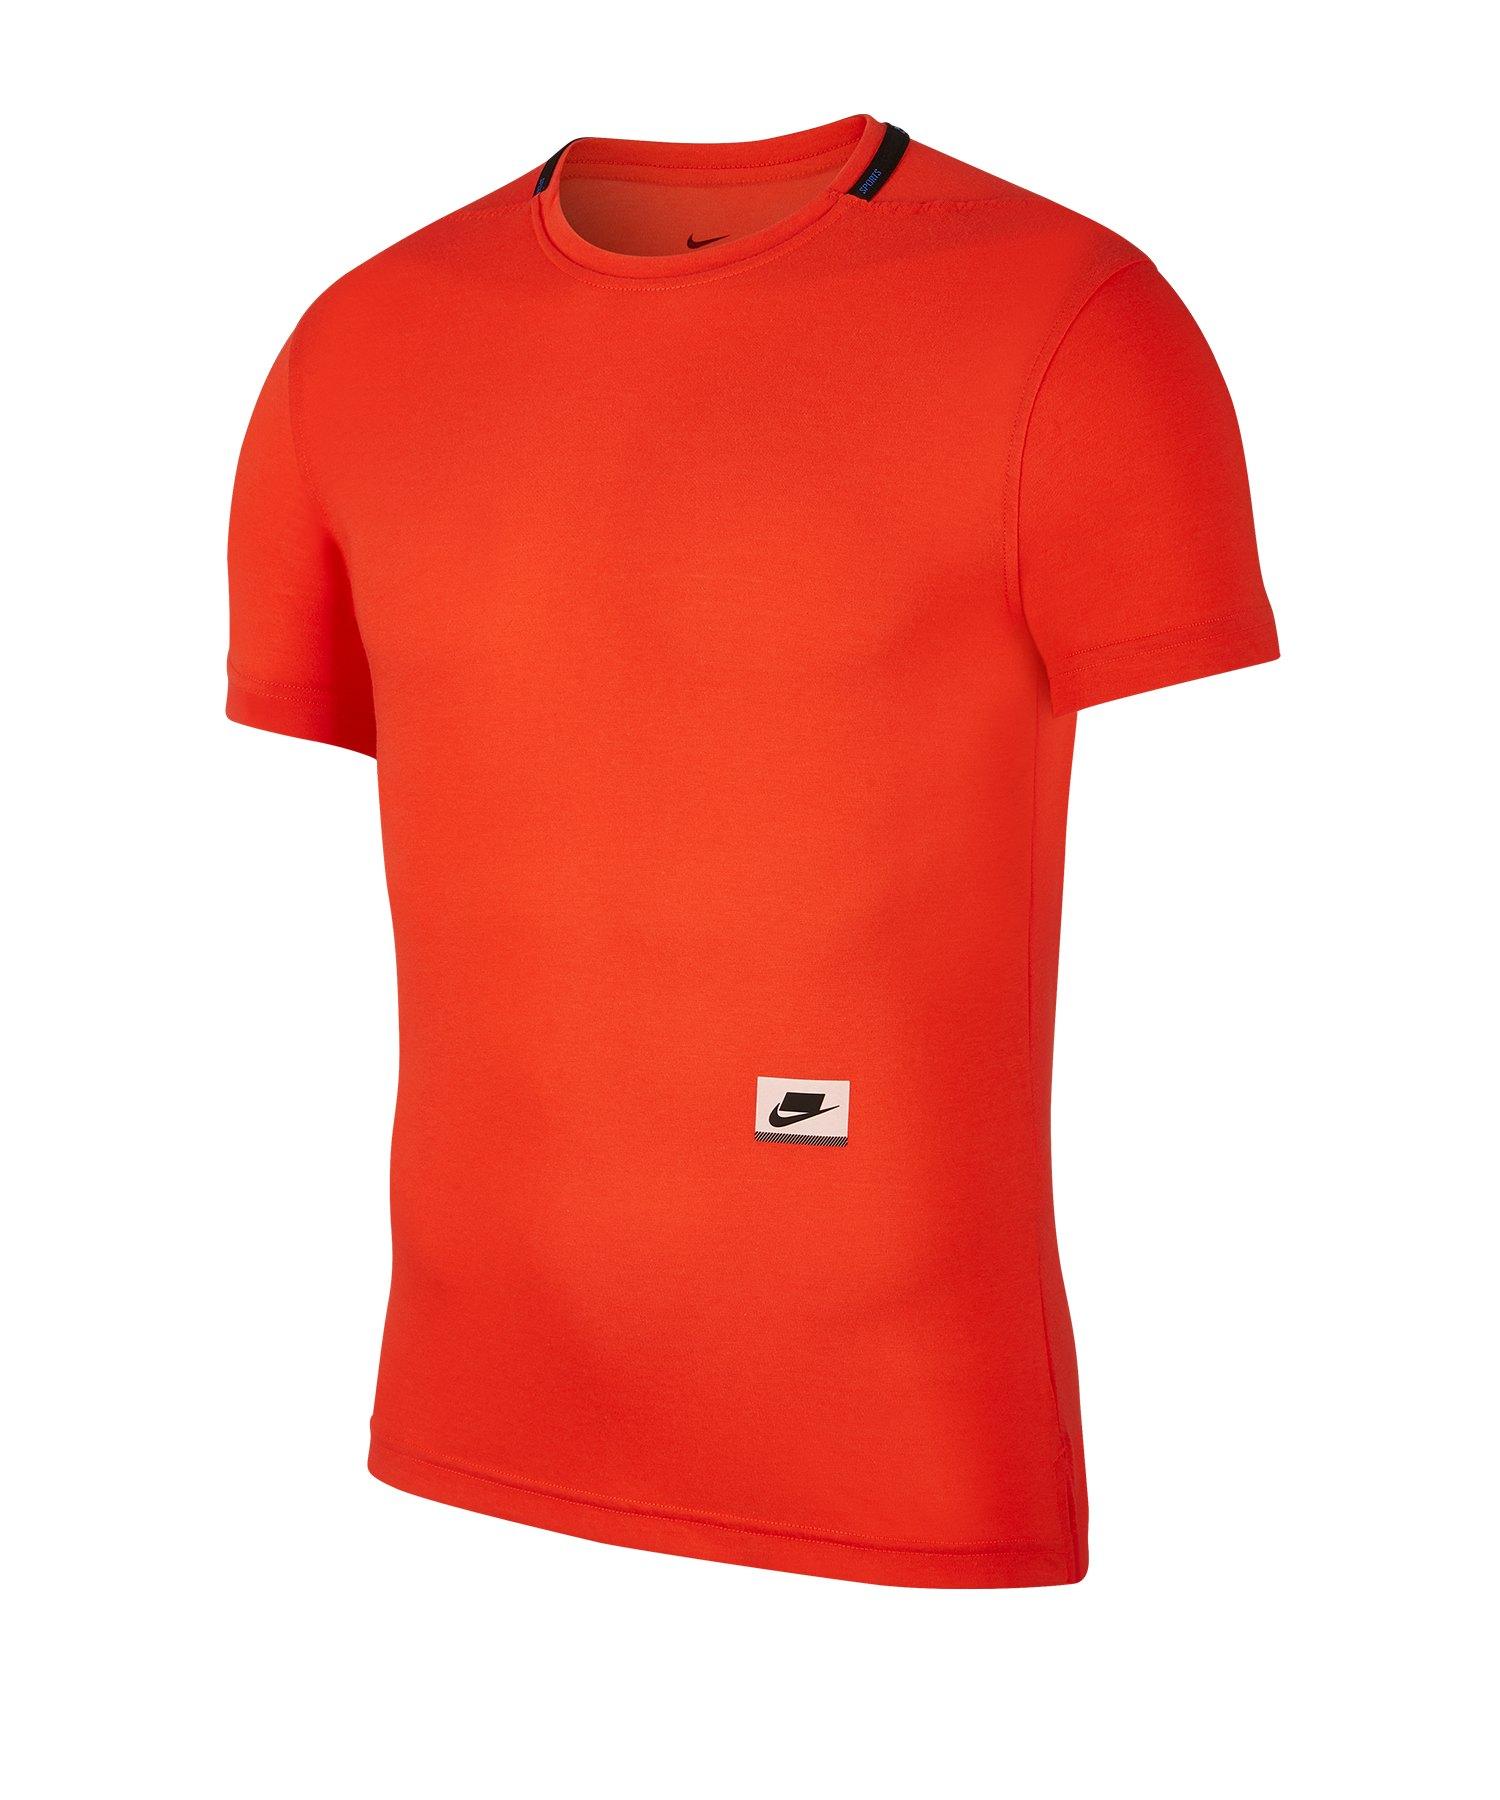 Nike Dri-FIT Training Tee T-Shirt Running Rot F634 - rot